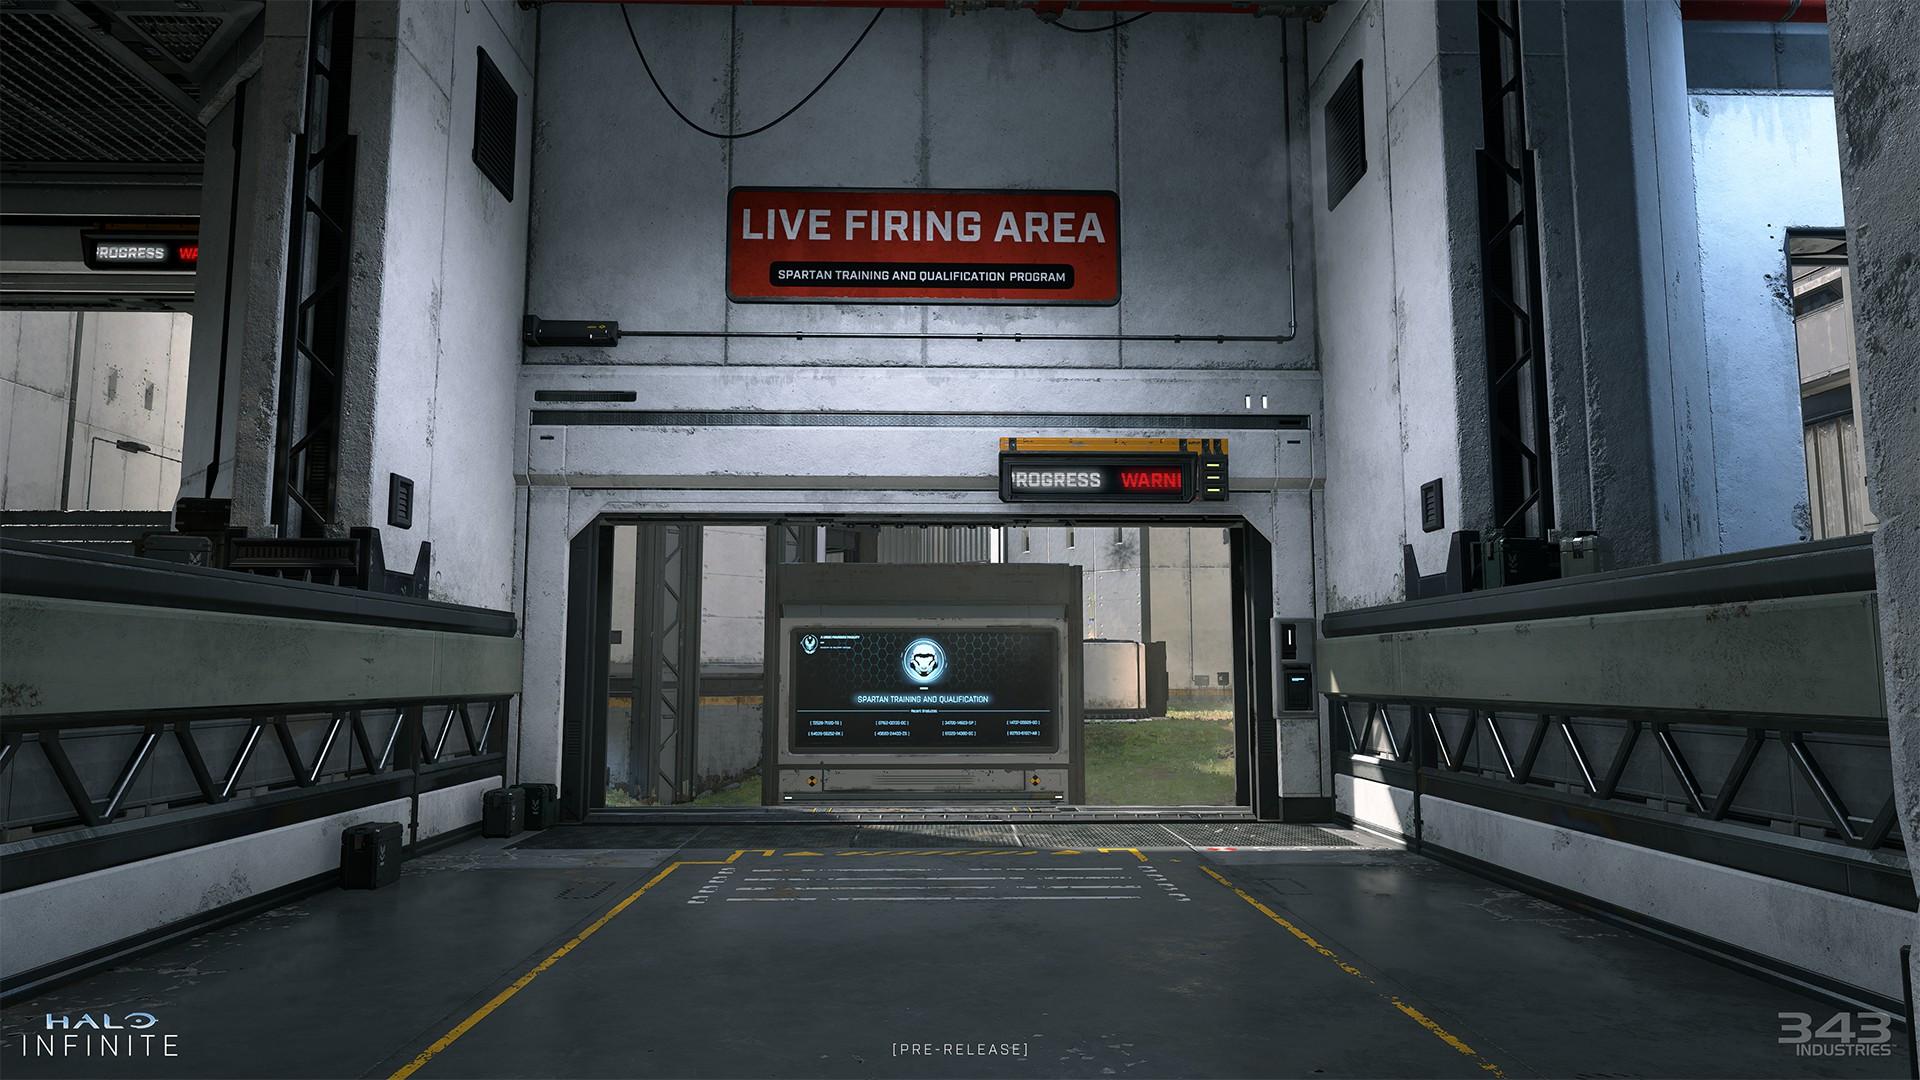 《光环:无限》多人游戏B测或将于本周开始 需要先清除障碍  第6张